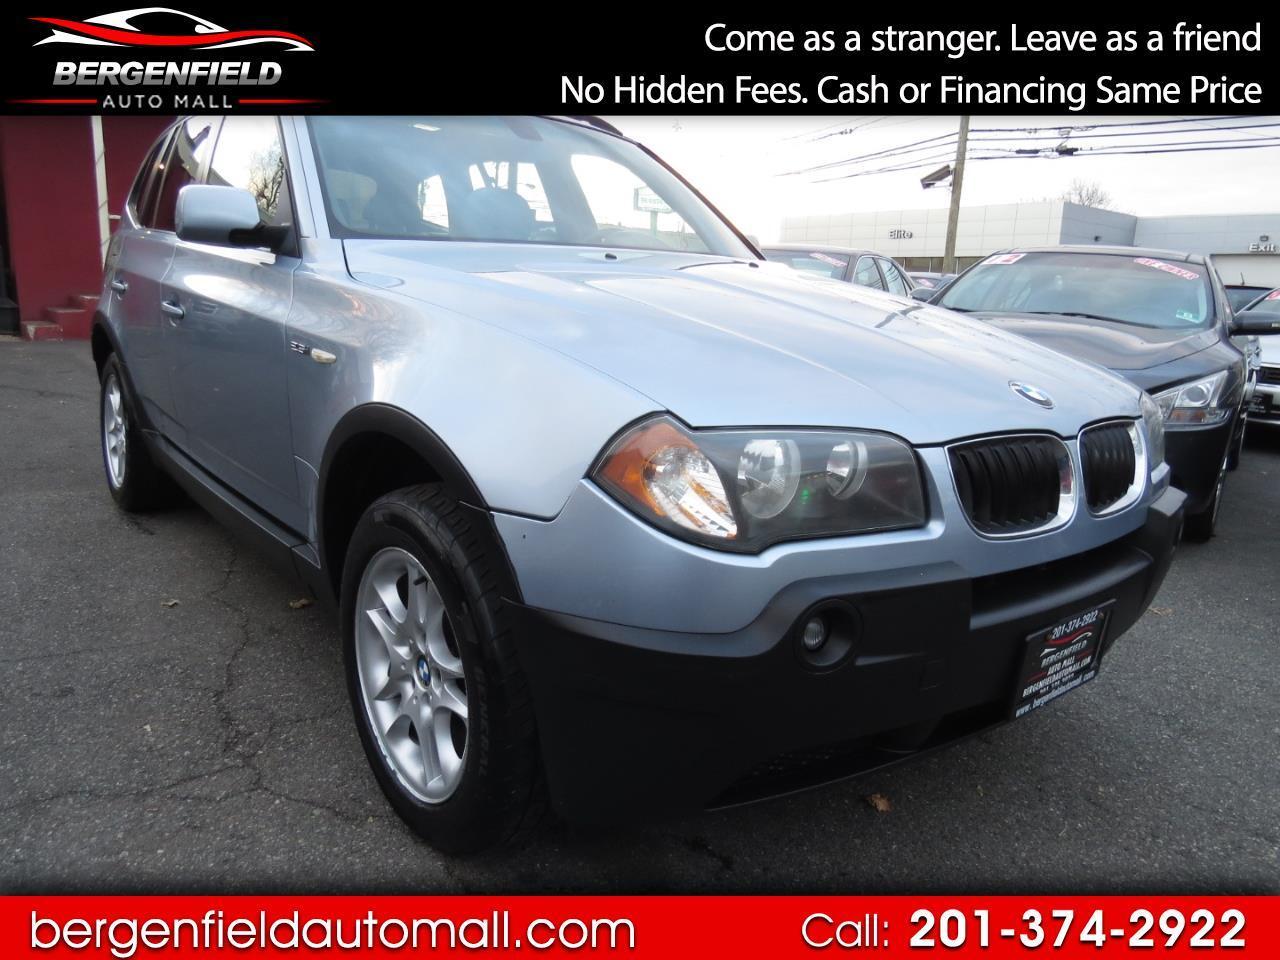 BMW X3 2.5i 2004